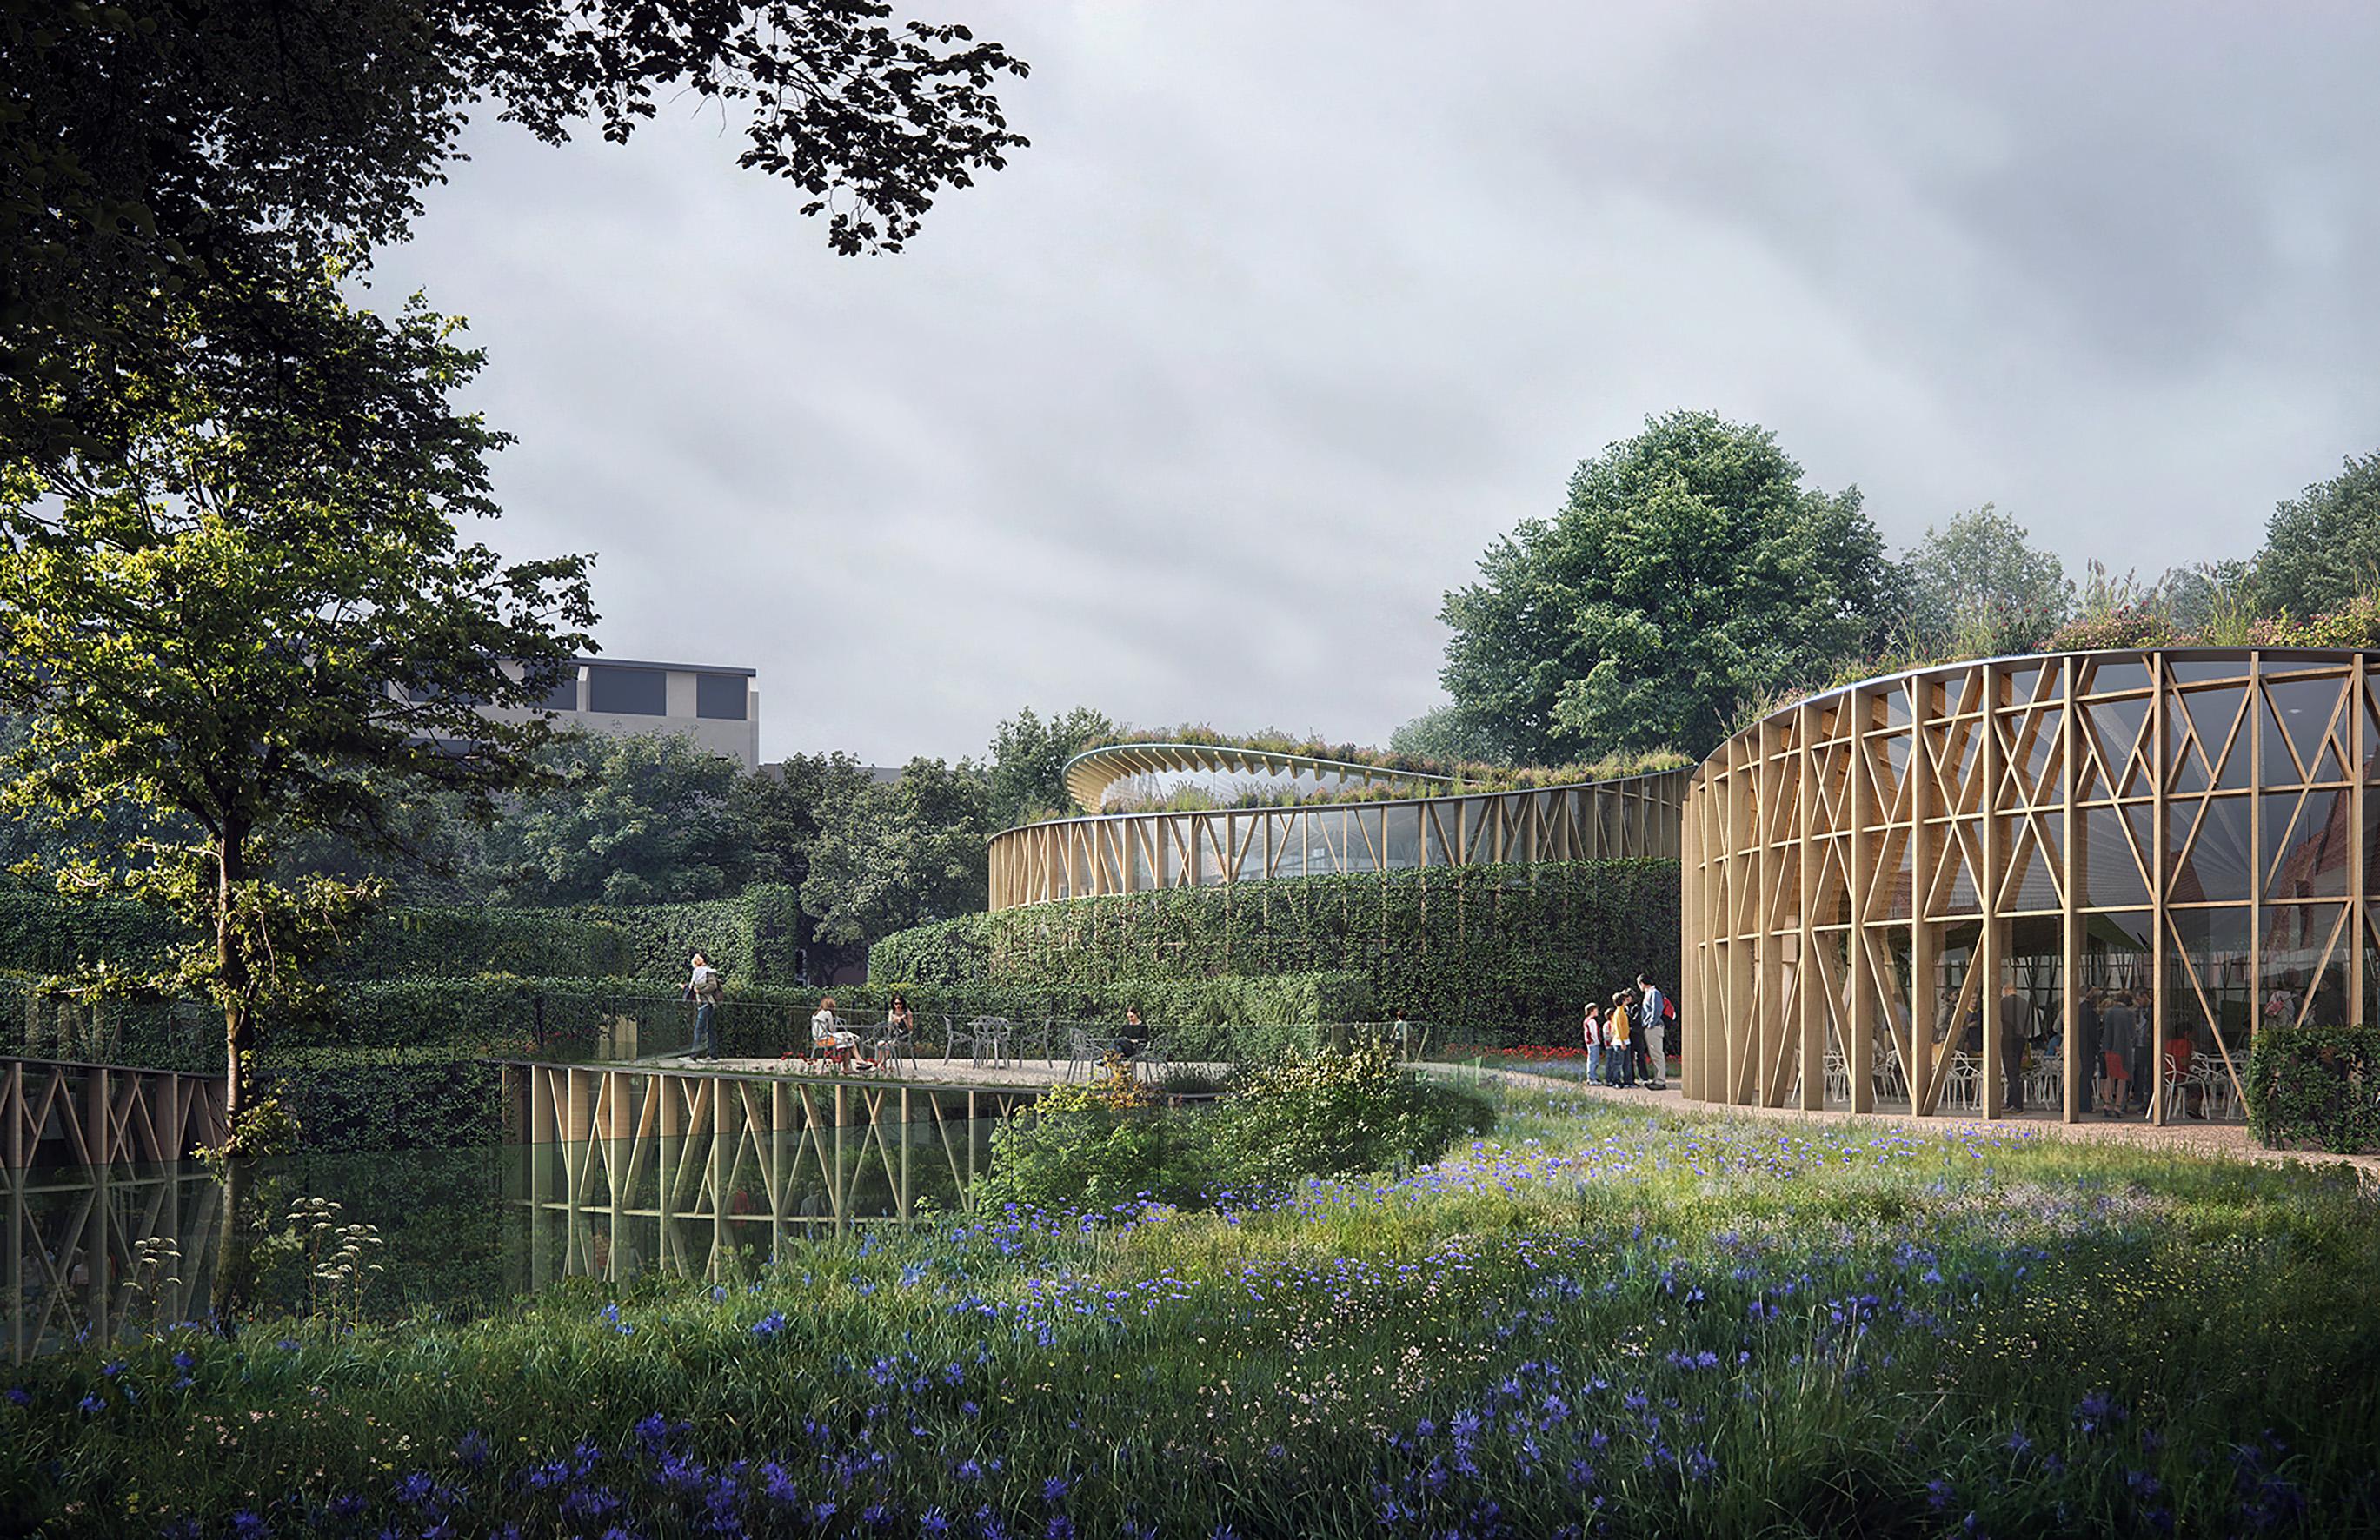 Rendering, H.C.Andersen Haven Hedges envelop buildings © Kengo Kuma & Associates, Cornelius Vöge, MASU Planning